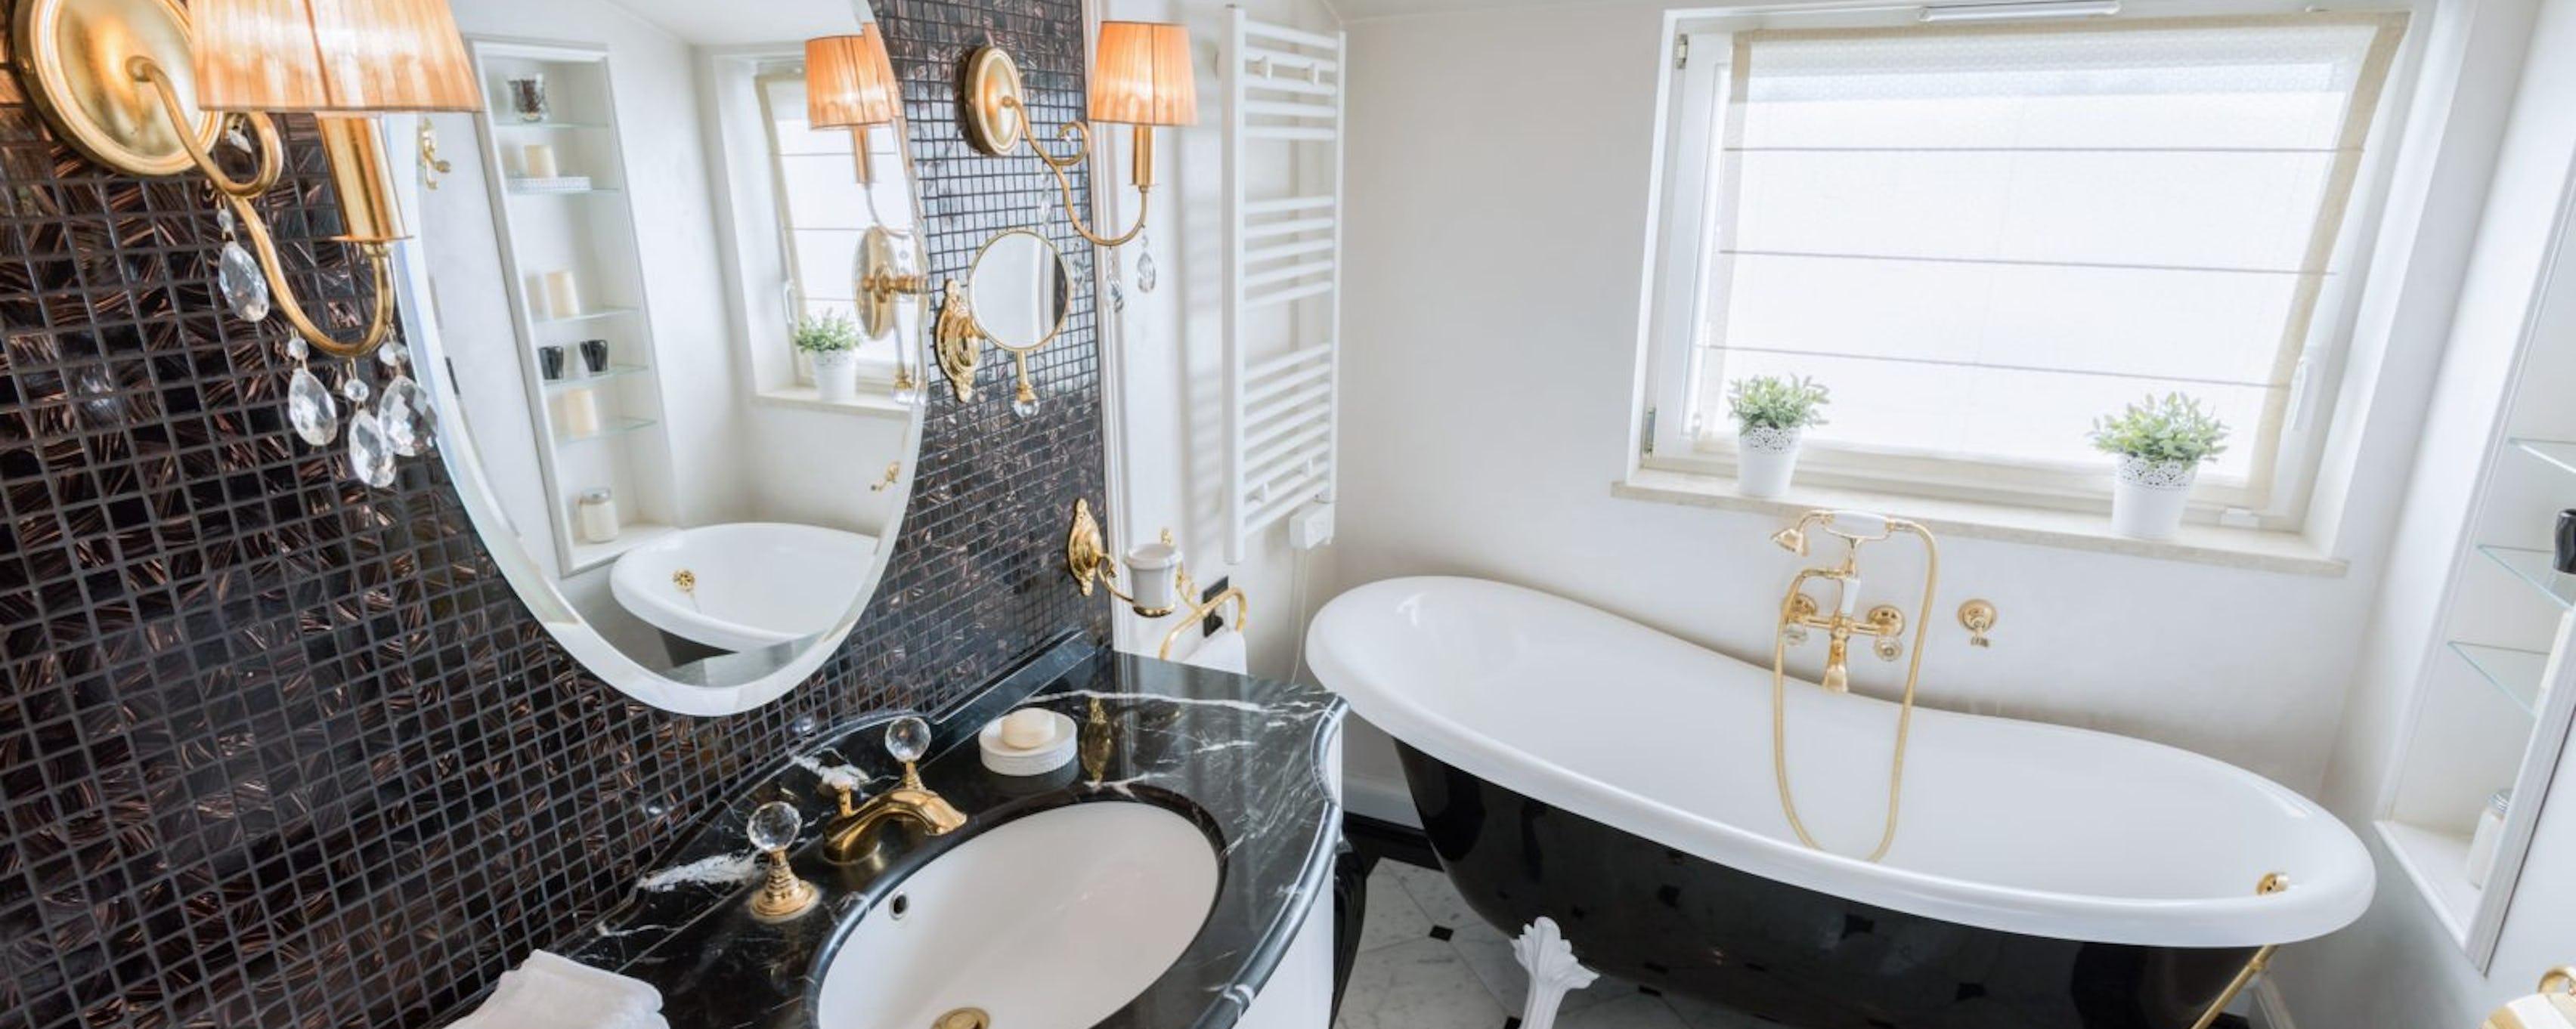 Espace Salle De Bain salle de bain de luxe, moderne et design : nos 15 meilleures